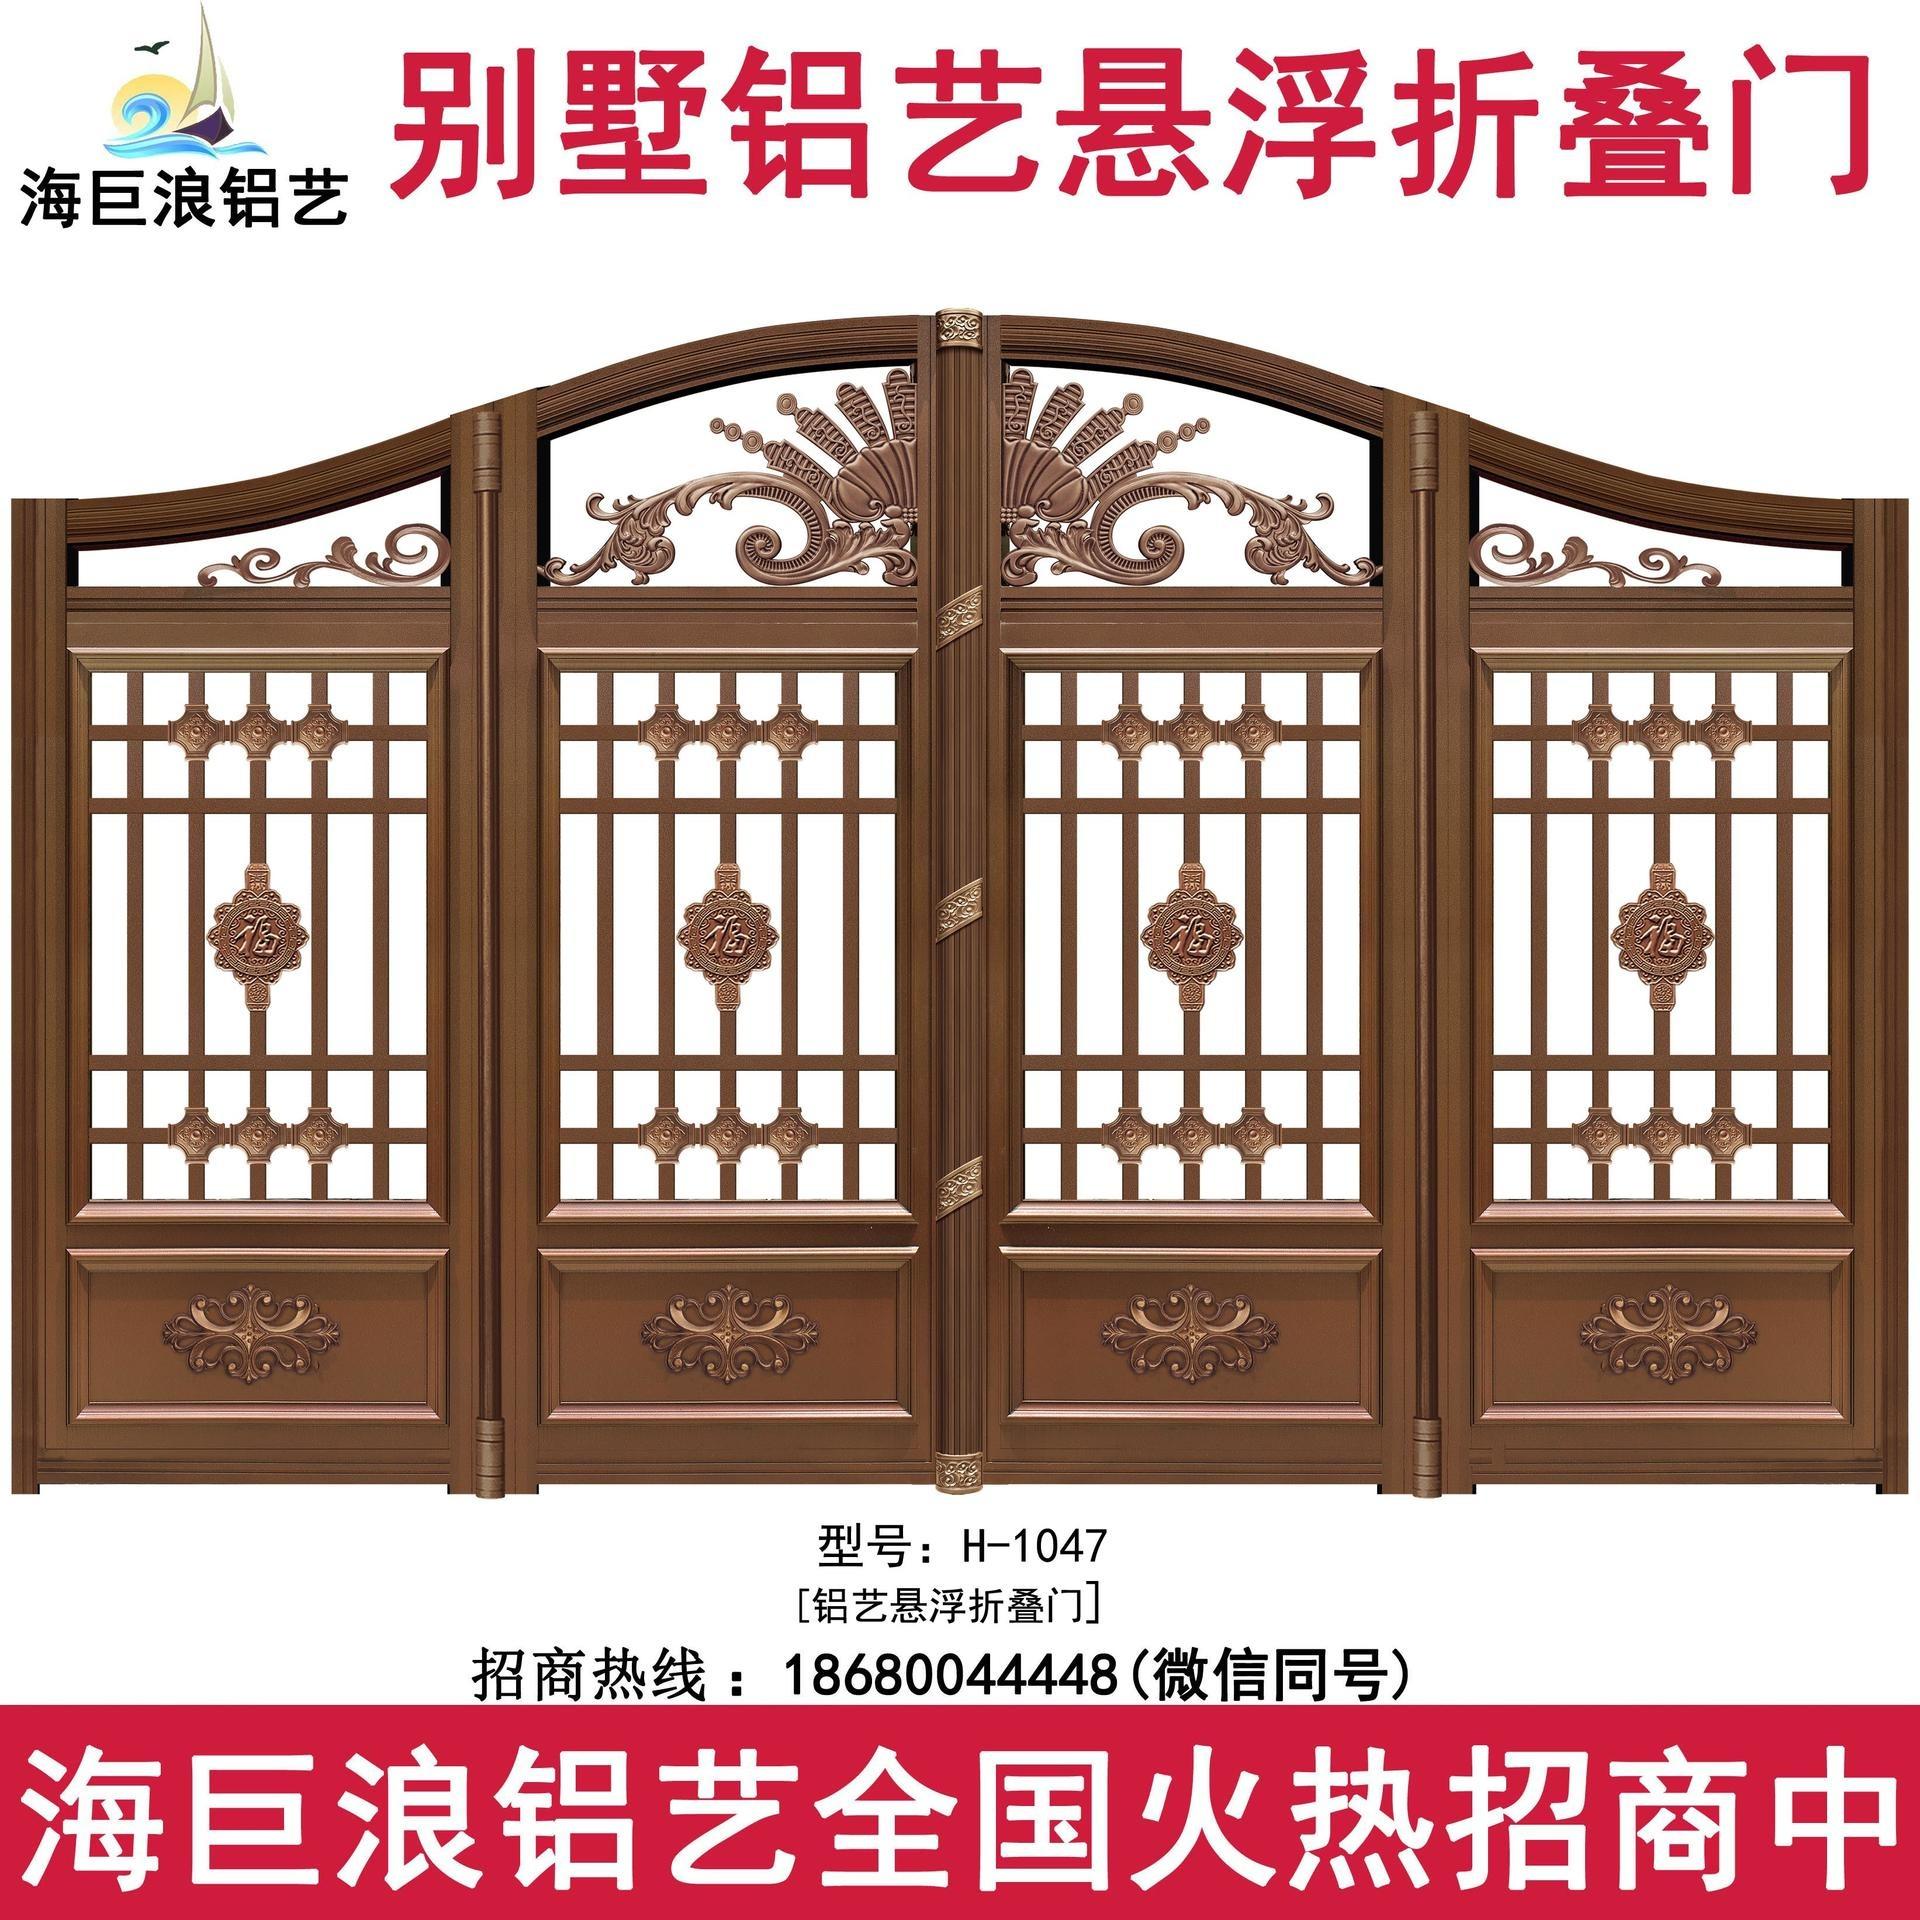 東莞市懸浮折疊門代理加盟 折疊懸浮門廠家 雙開折疊門價格